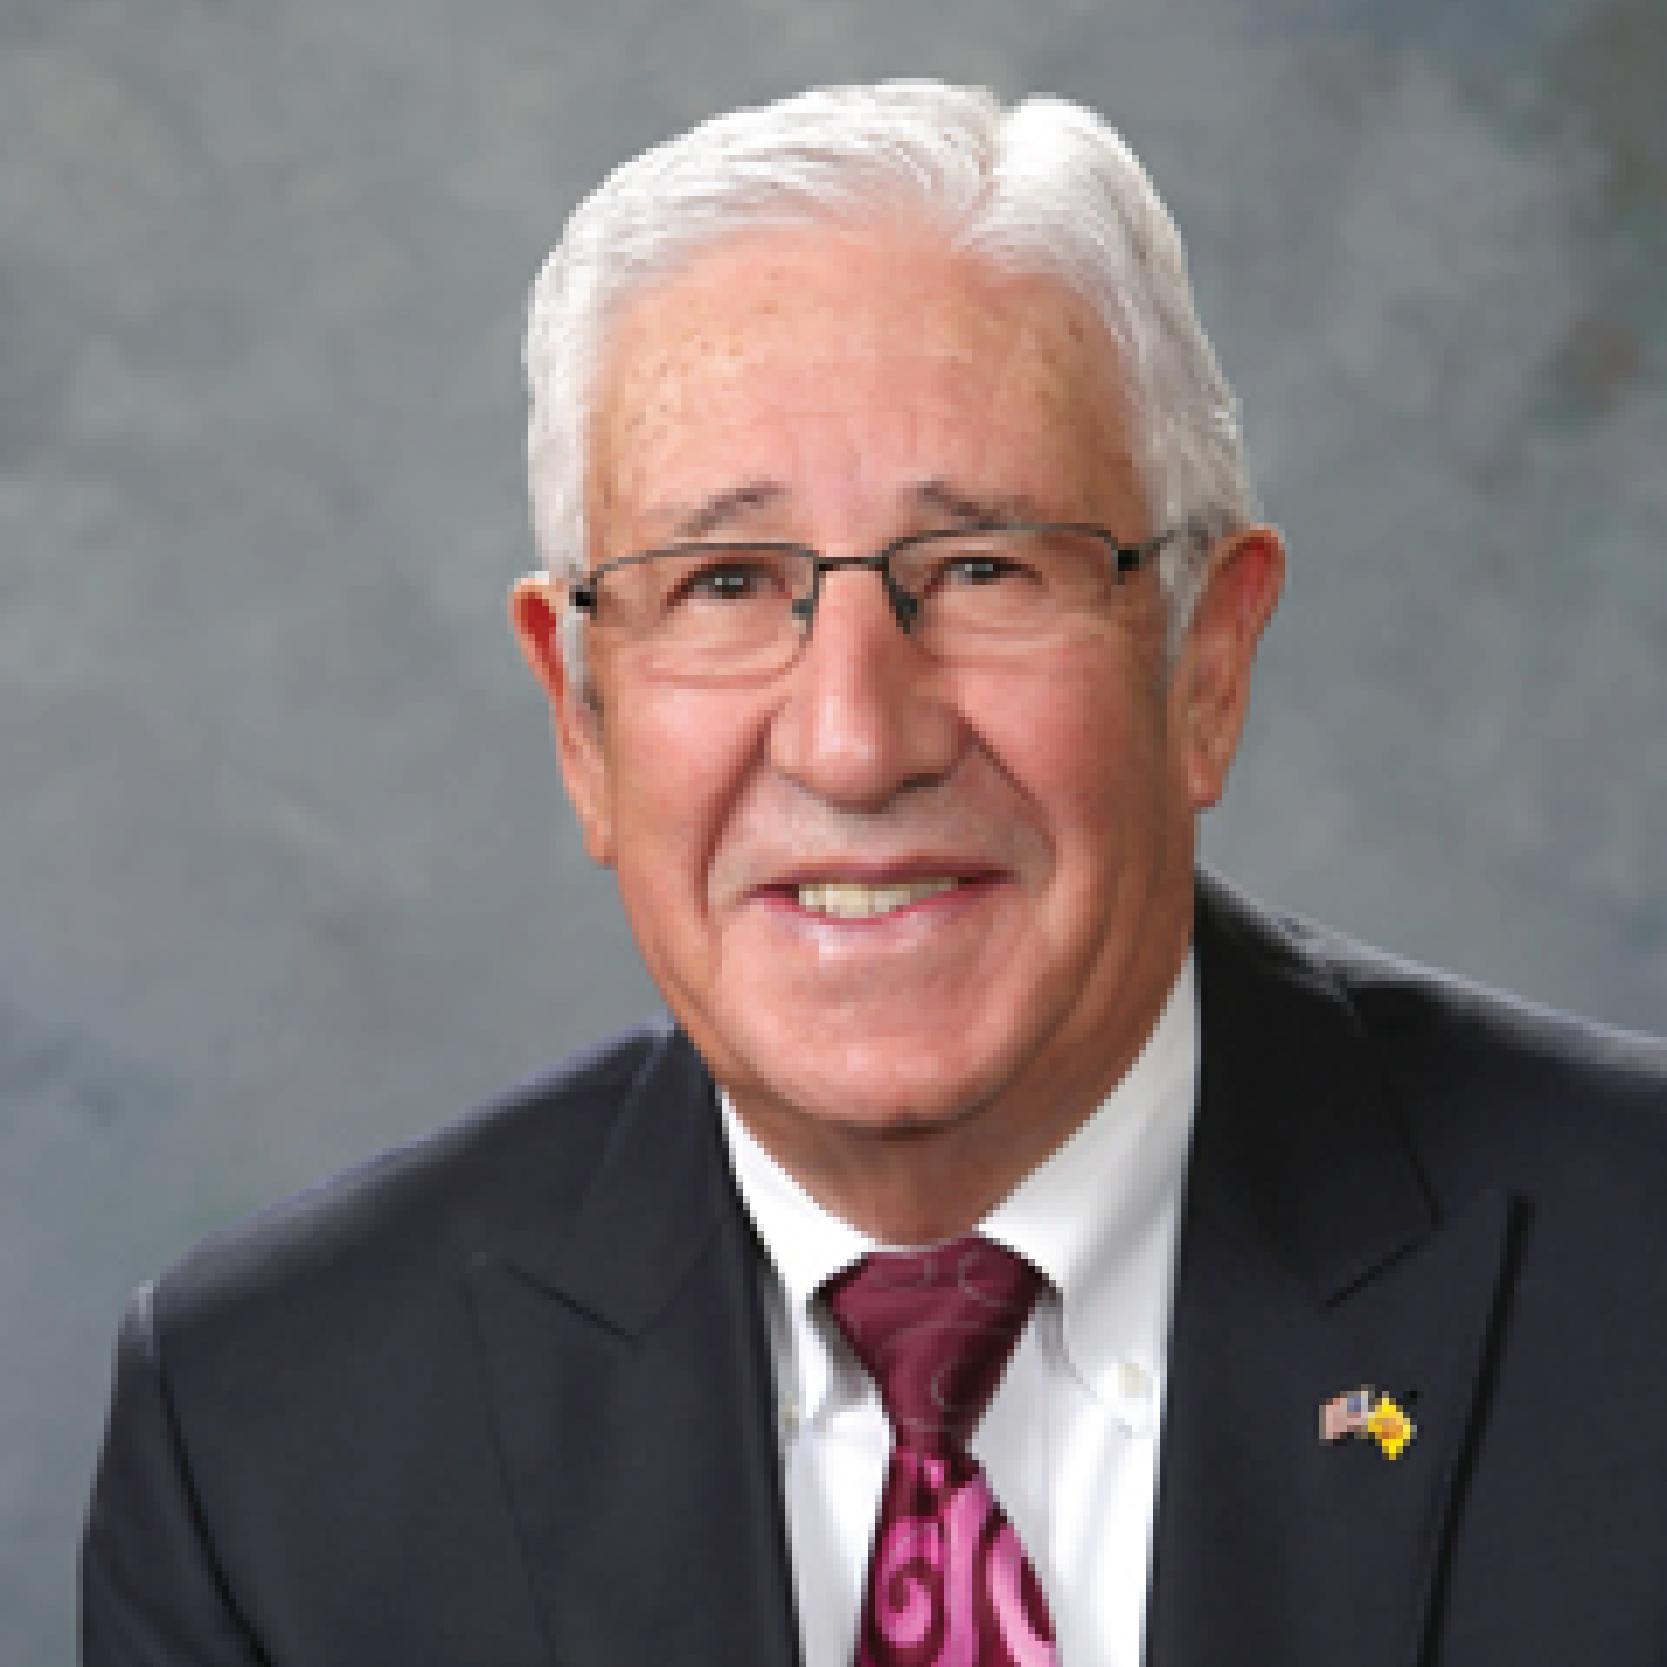 Rep. Larry Larrañaga